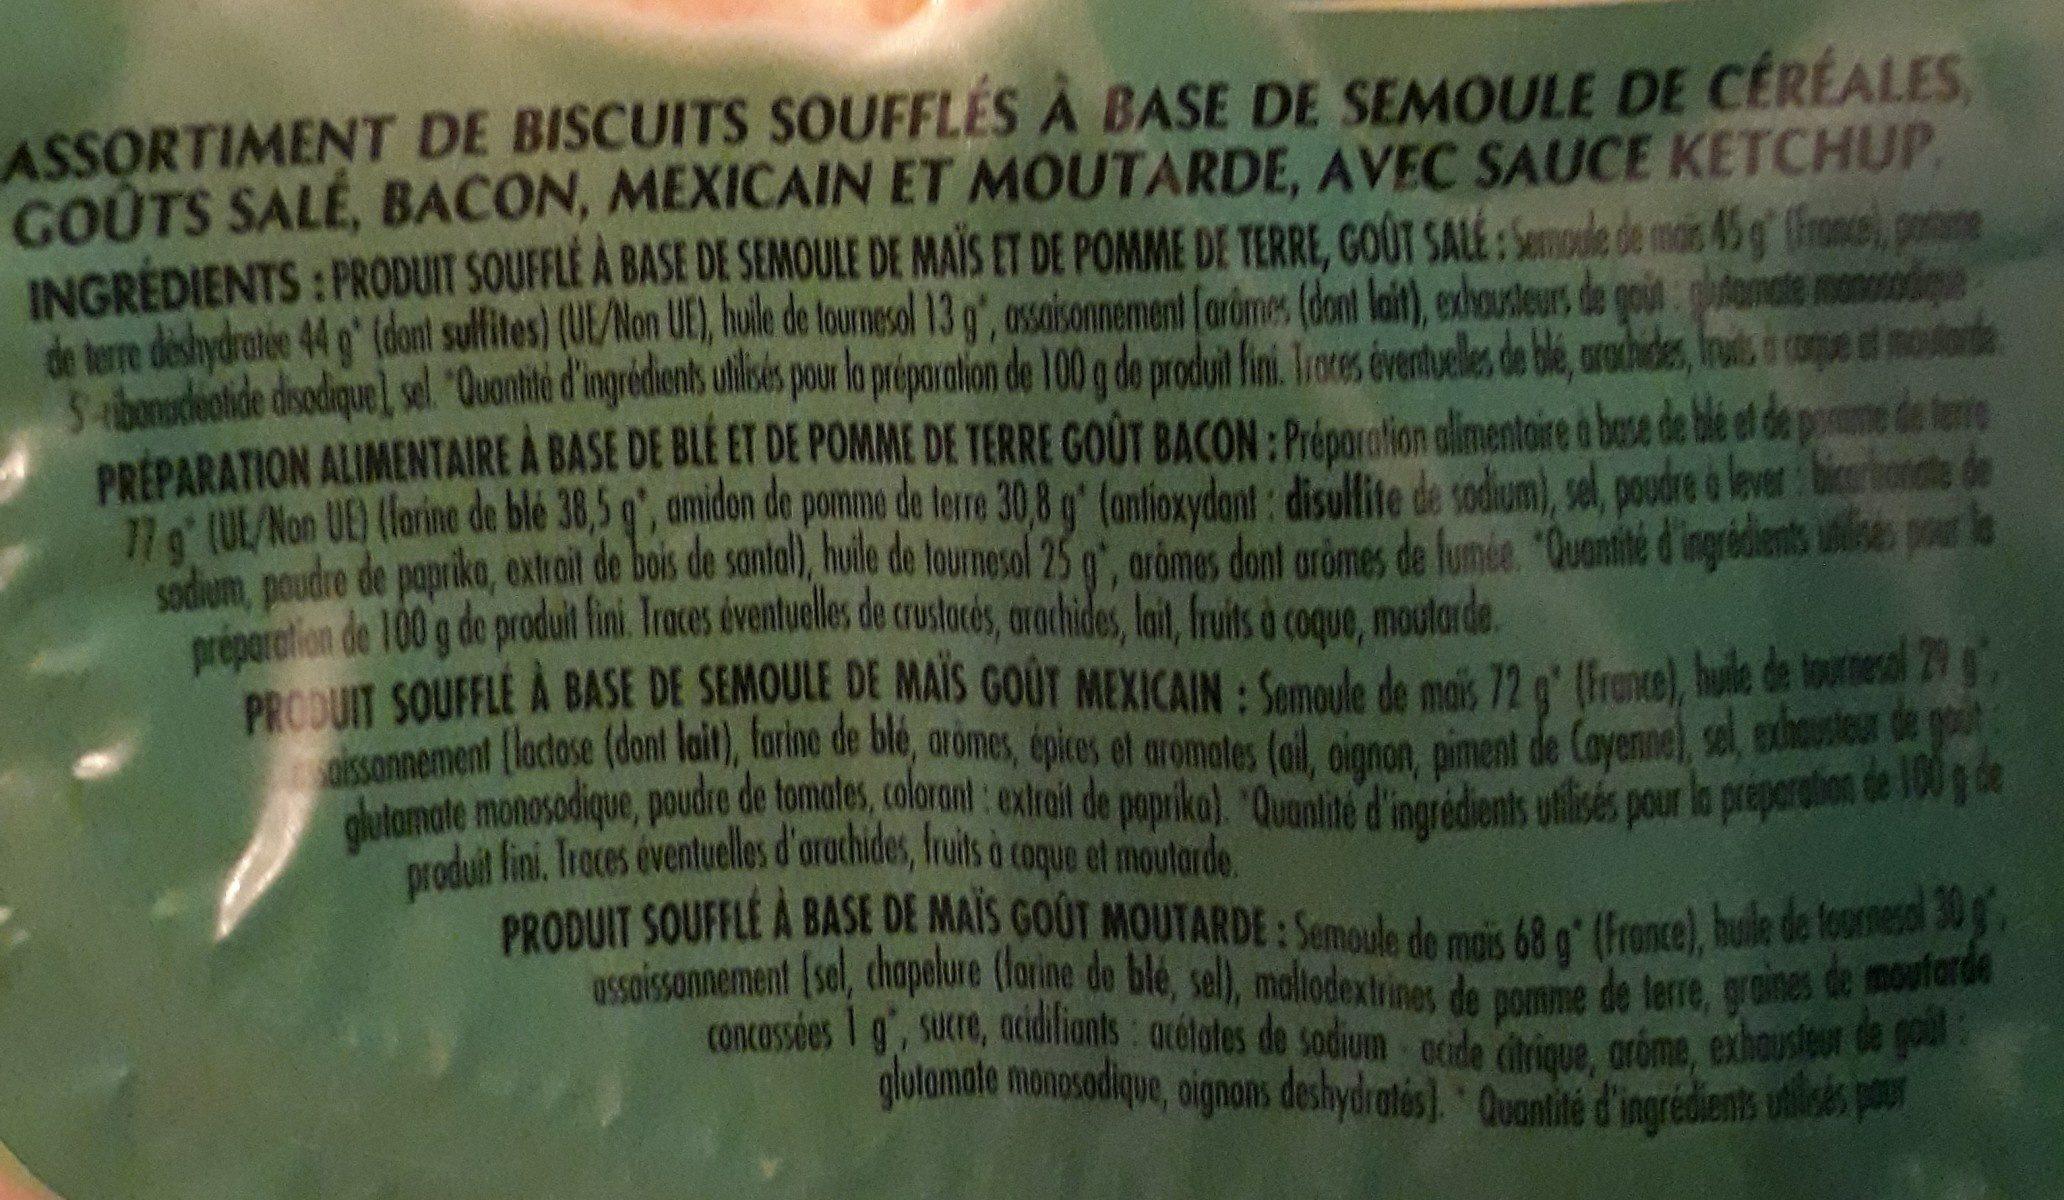 Cricfie's & sauce - Ingrédients - fr